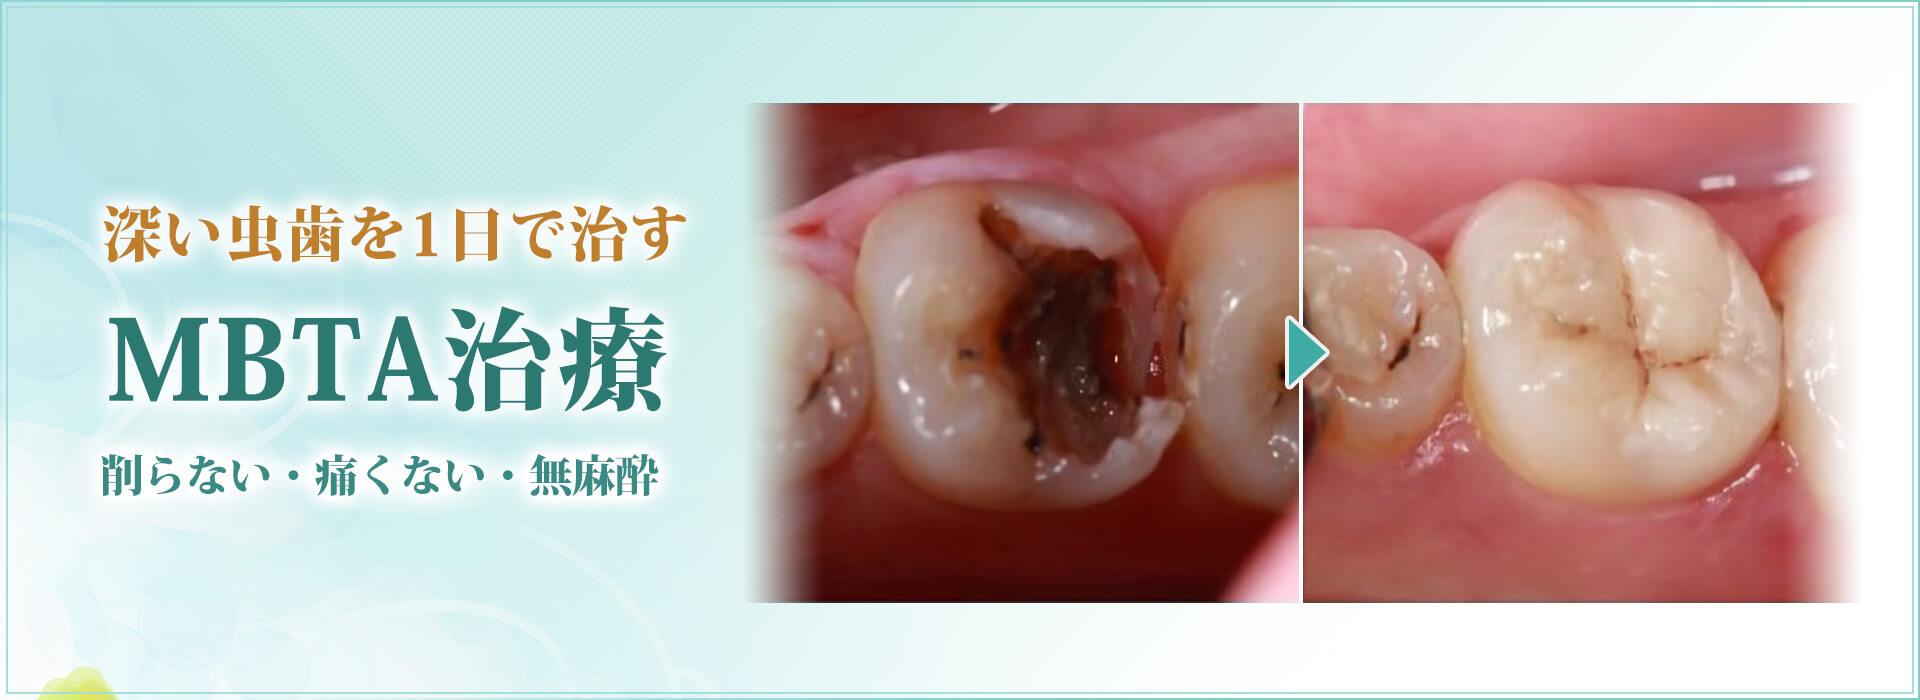 深い虫歯を1日で治すMBTA治療